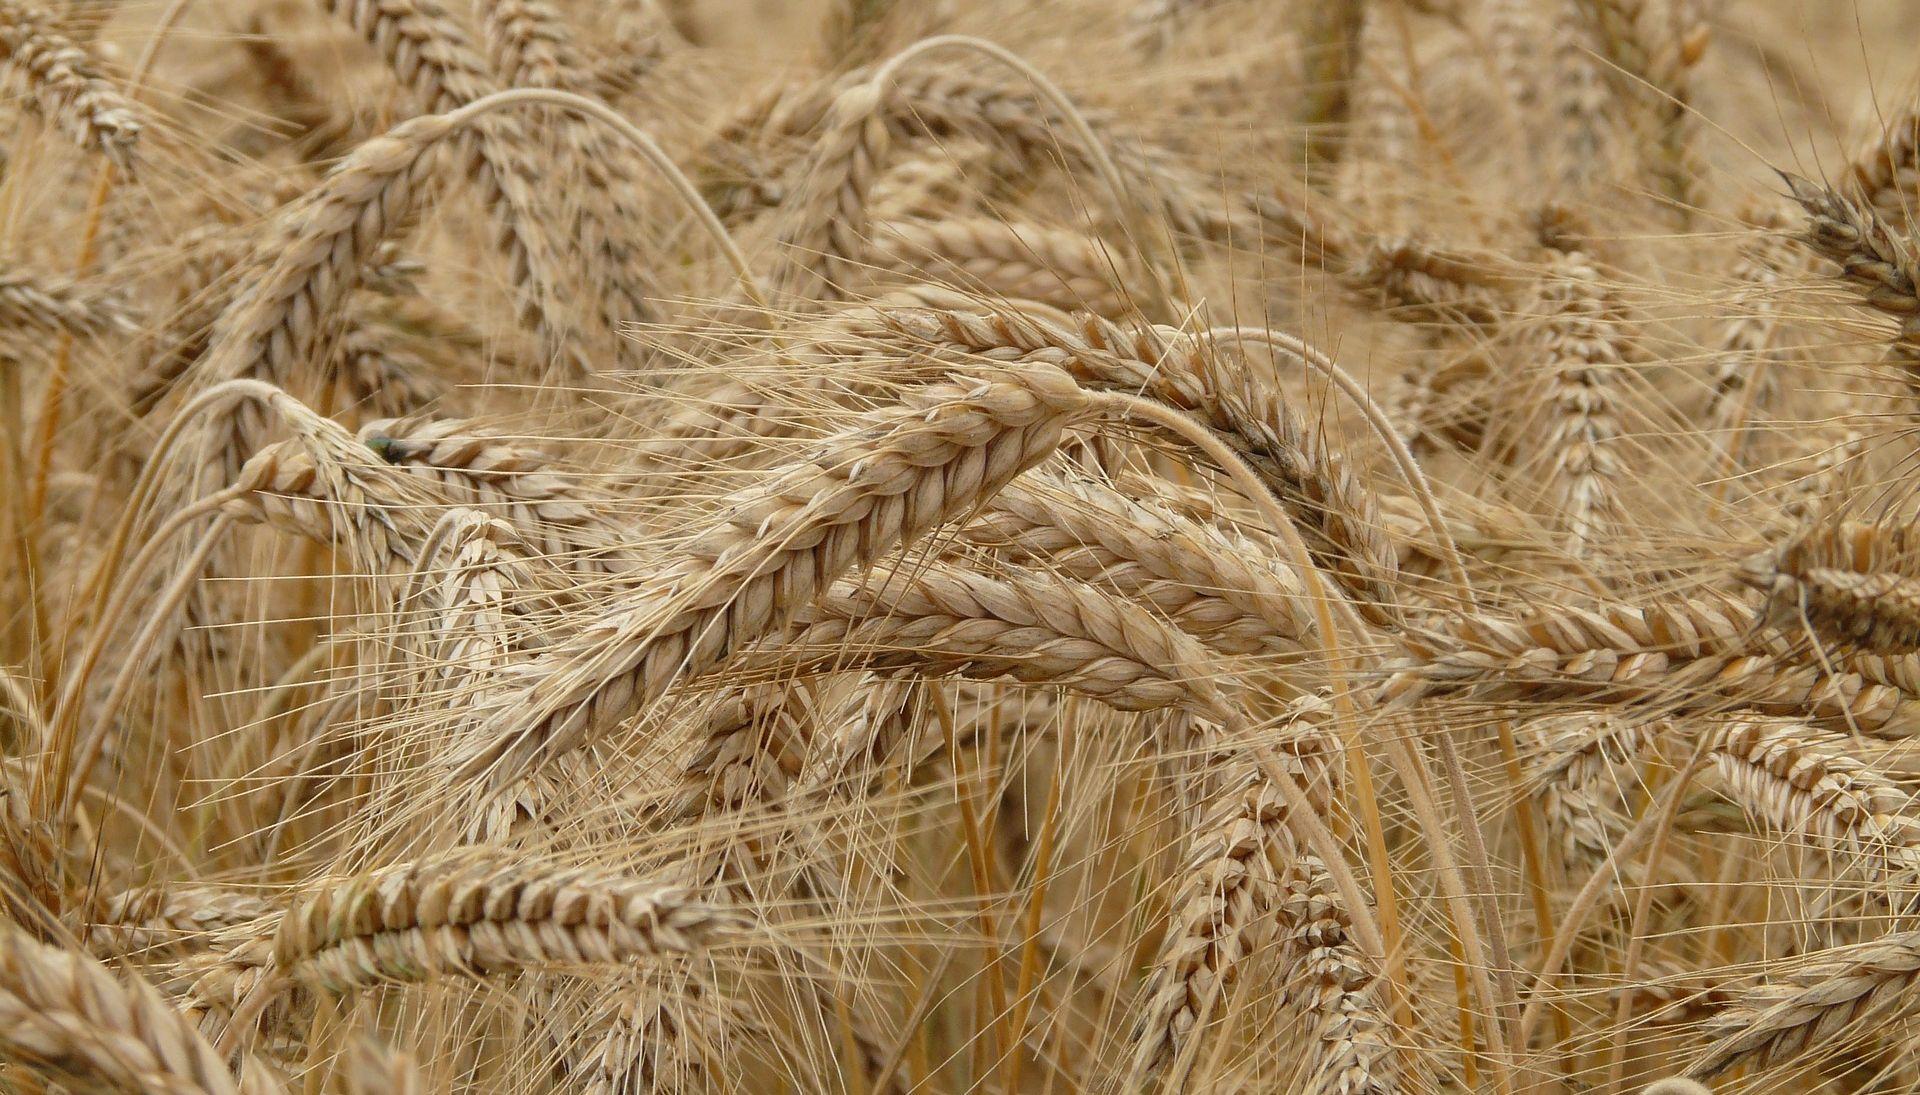 DRŽAVNI ZAVOD ZA STATISTIKU Pšenice proizvedeno 17 posto više